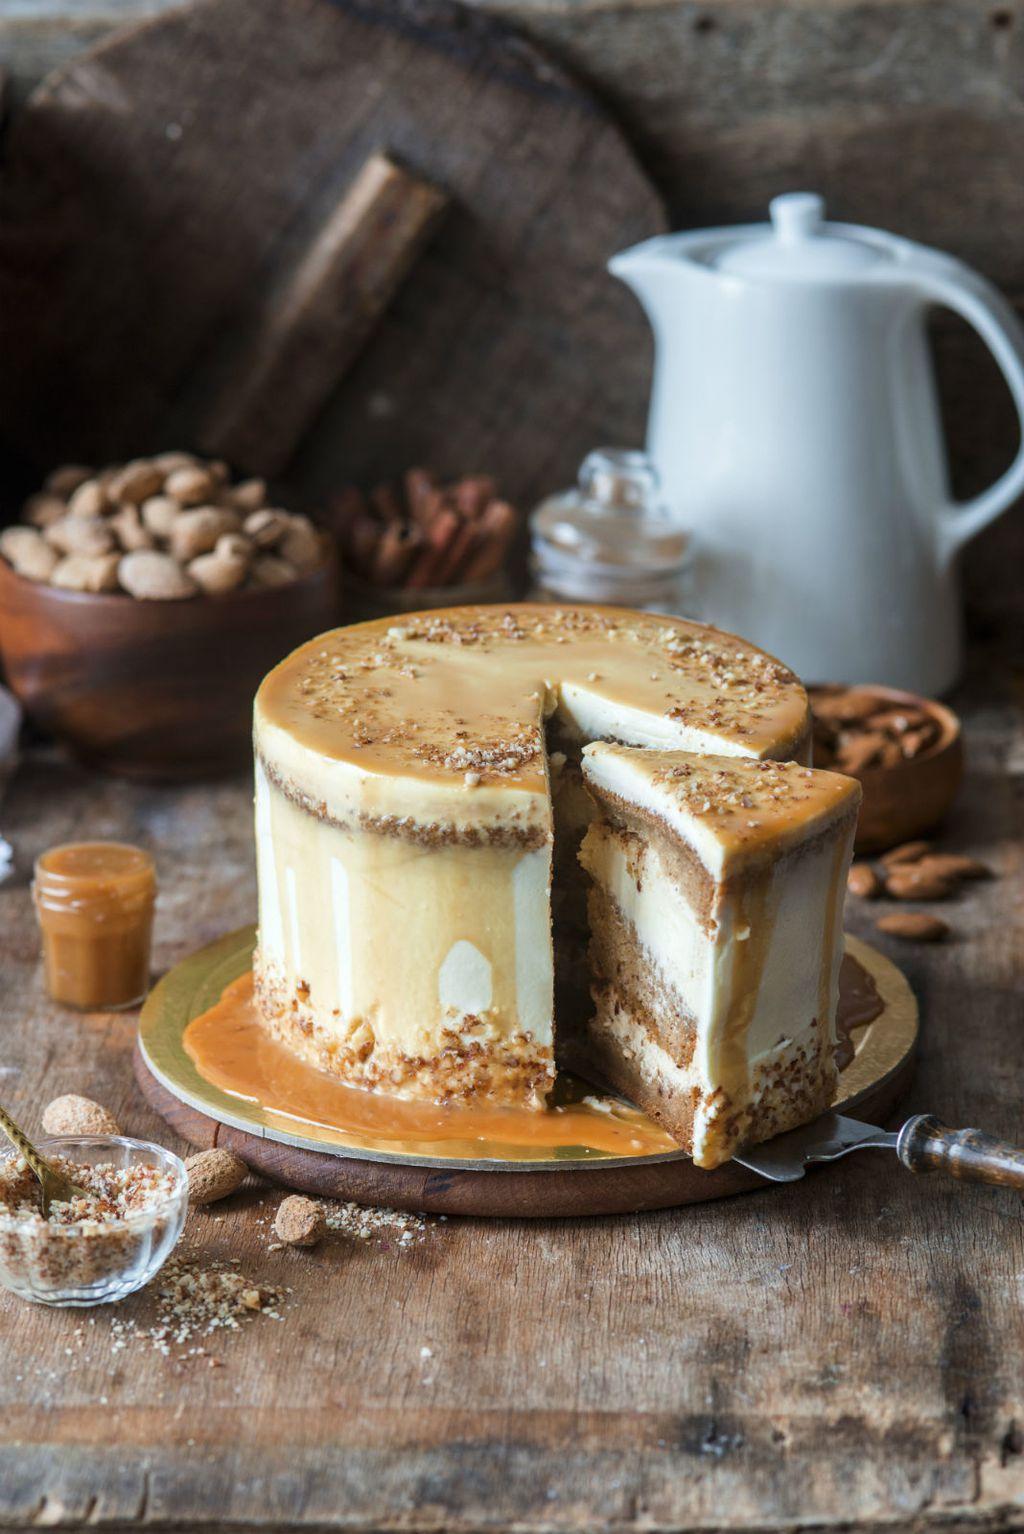 Bundevu možete iskoristiti i za pripremu torte s karamelom i bademima